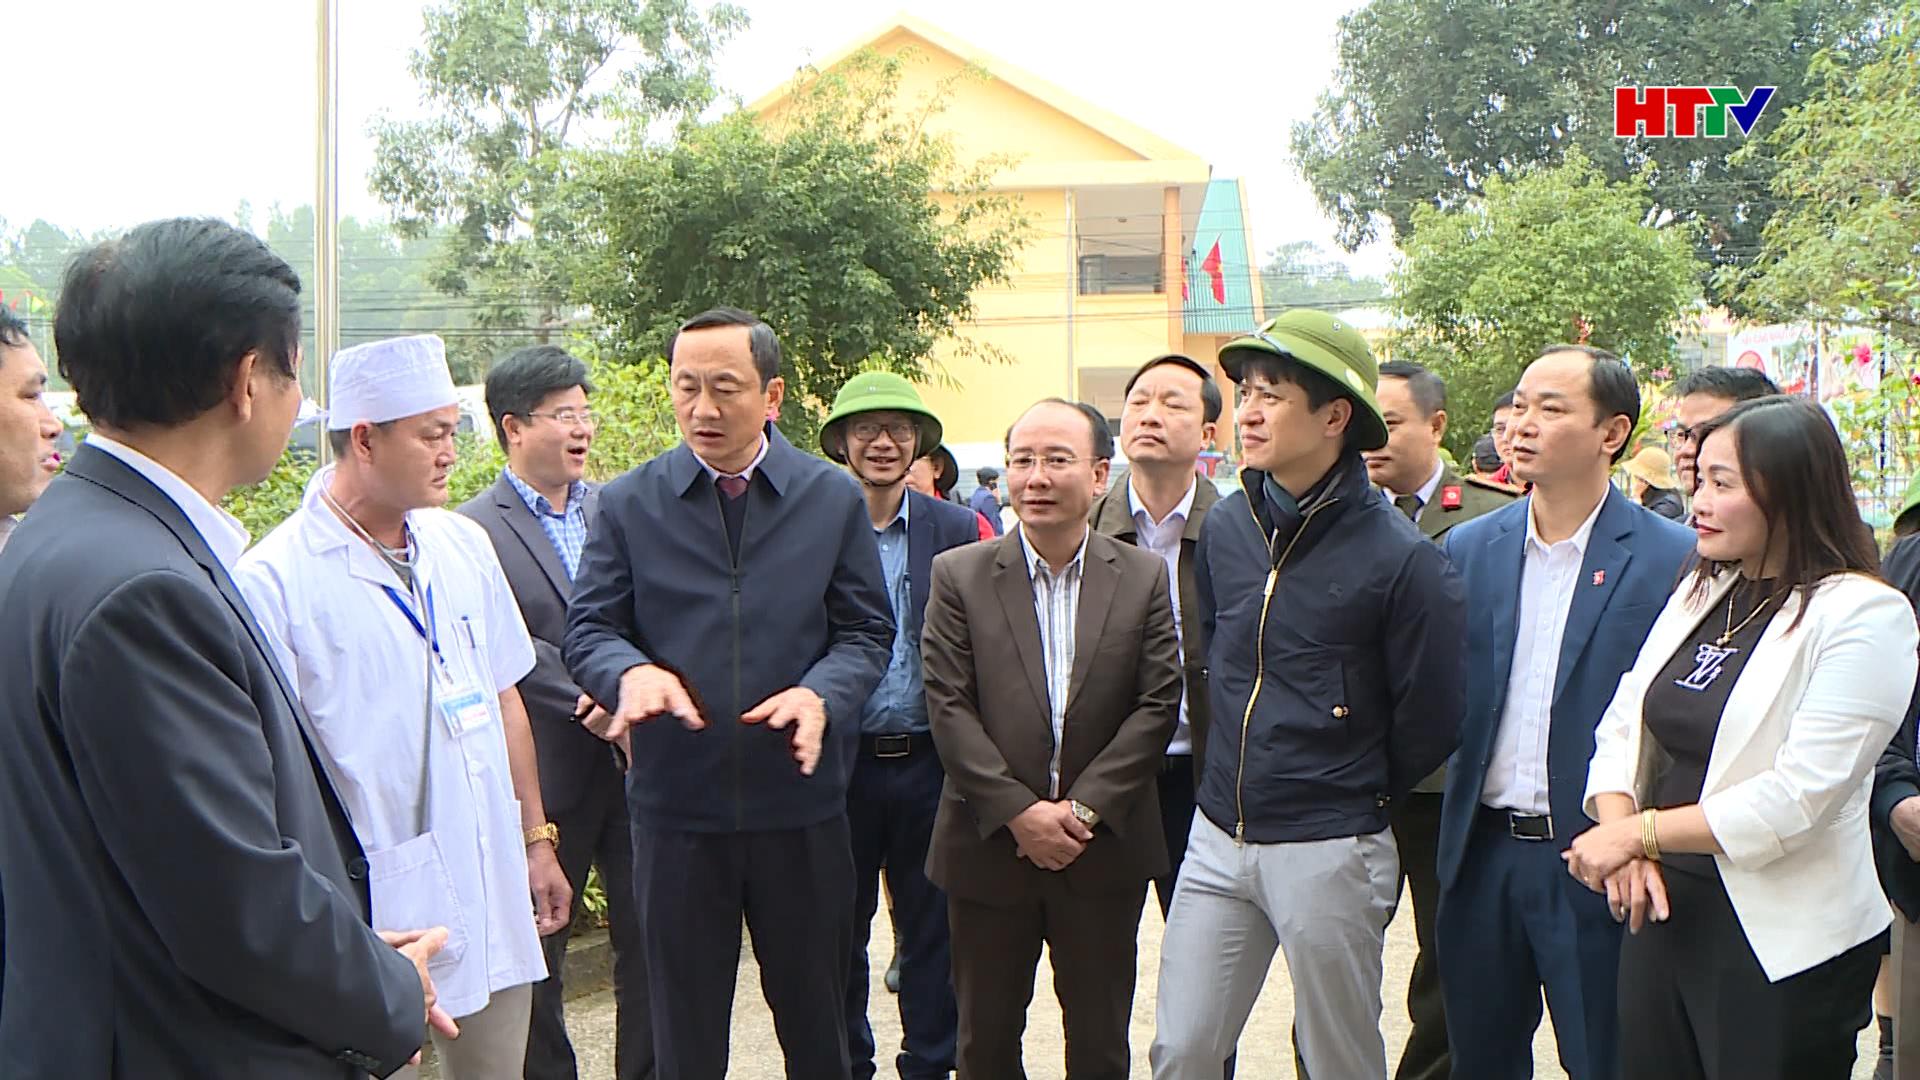 Cùng đi có đại diện các bộ, ngành liên quan. Về phía tỉnh ta có đồng chí Đặng Ngọc Sơn – Phó Chủ tịch UBND tỉnh.